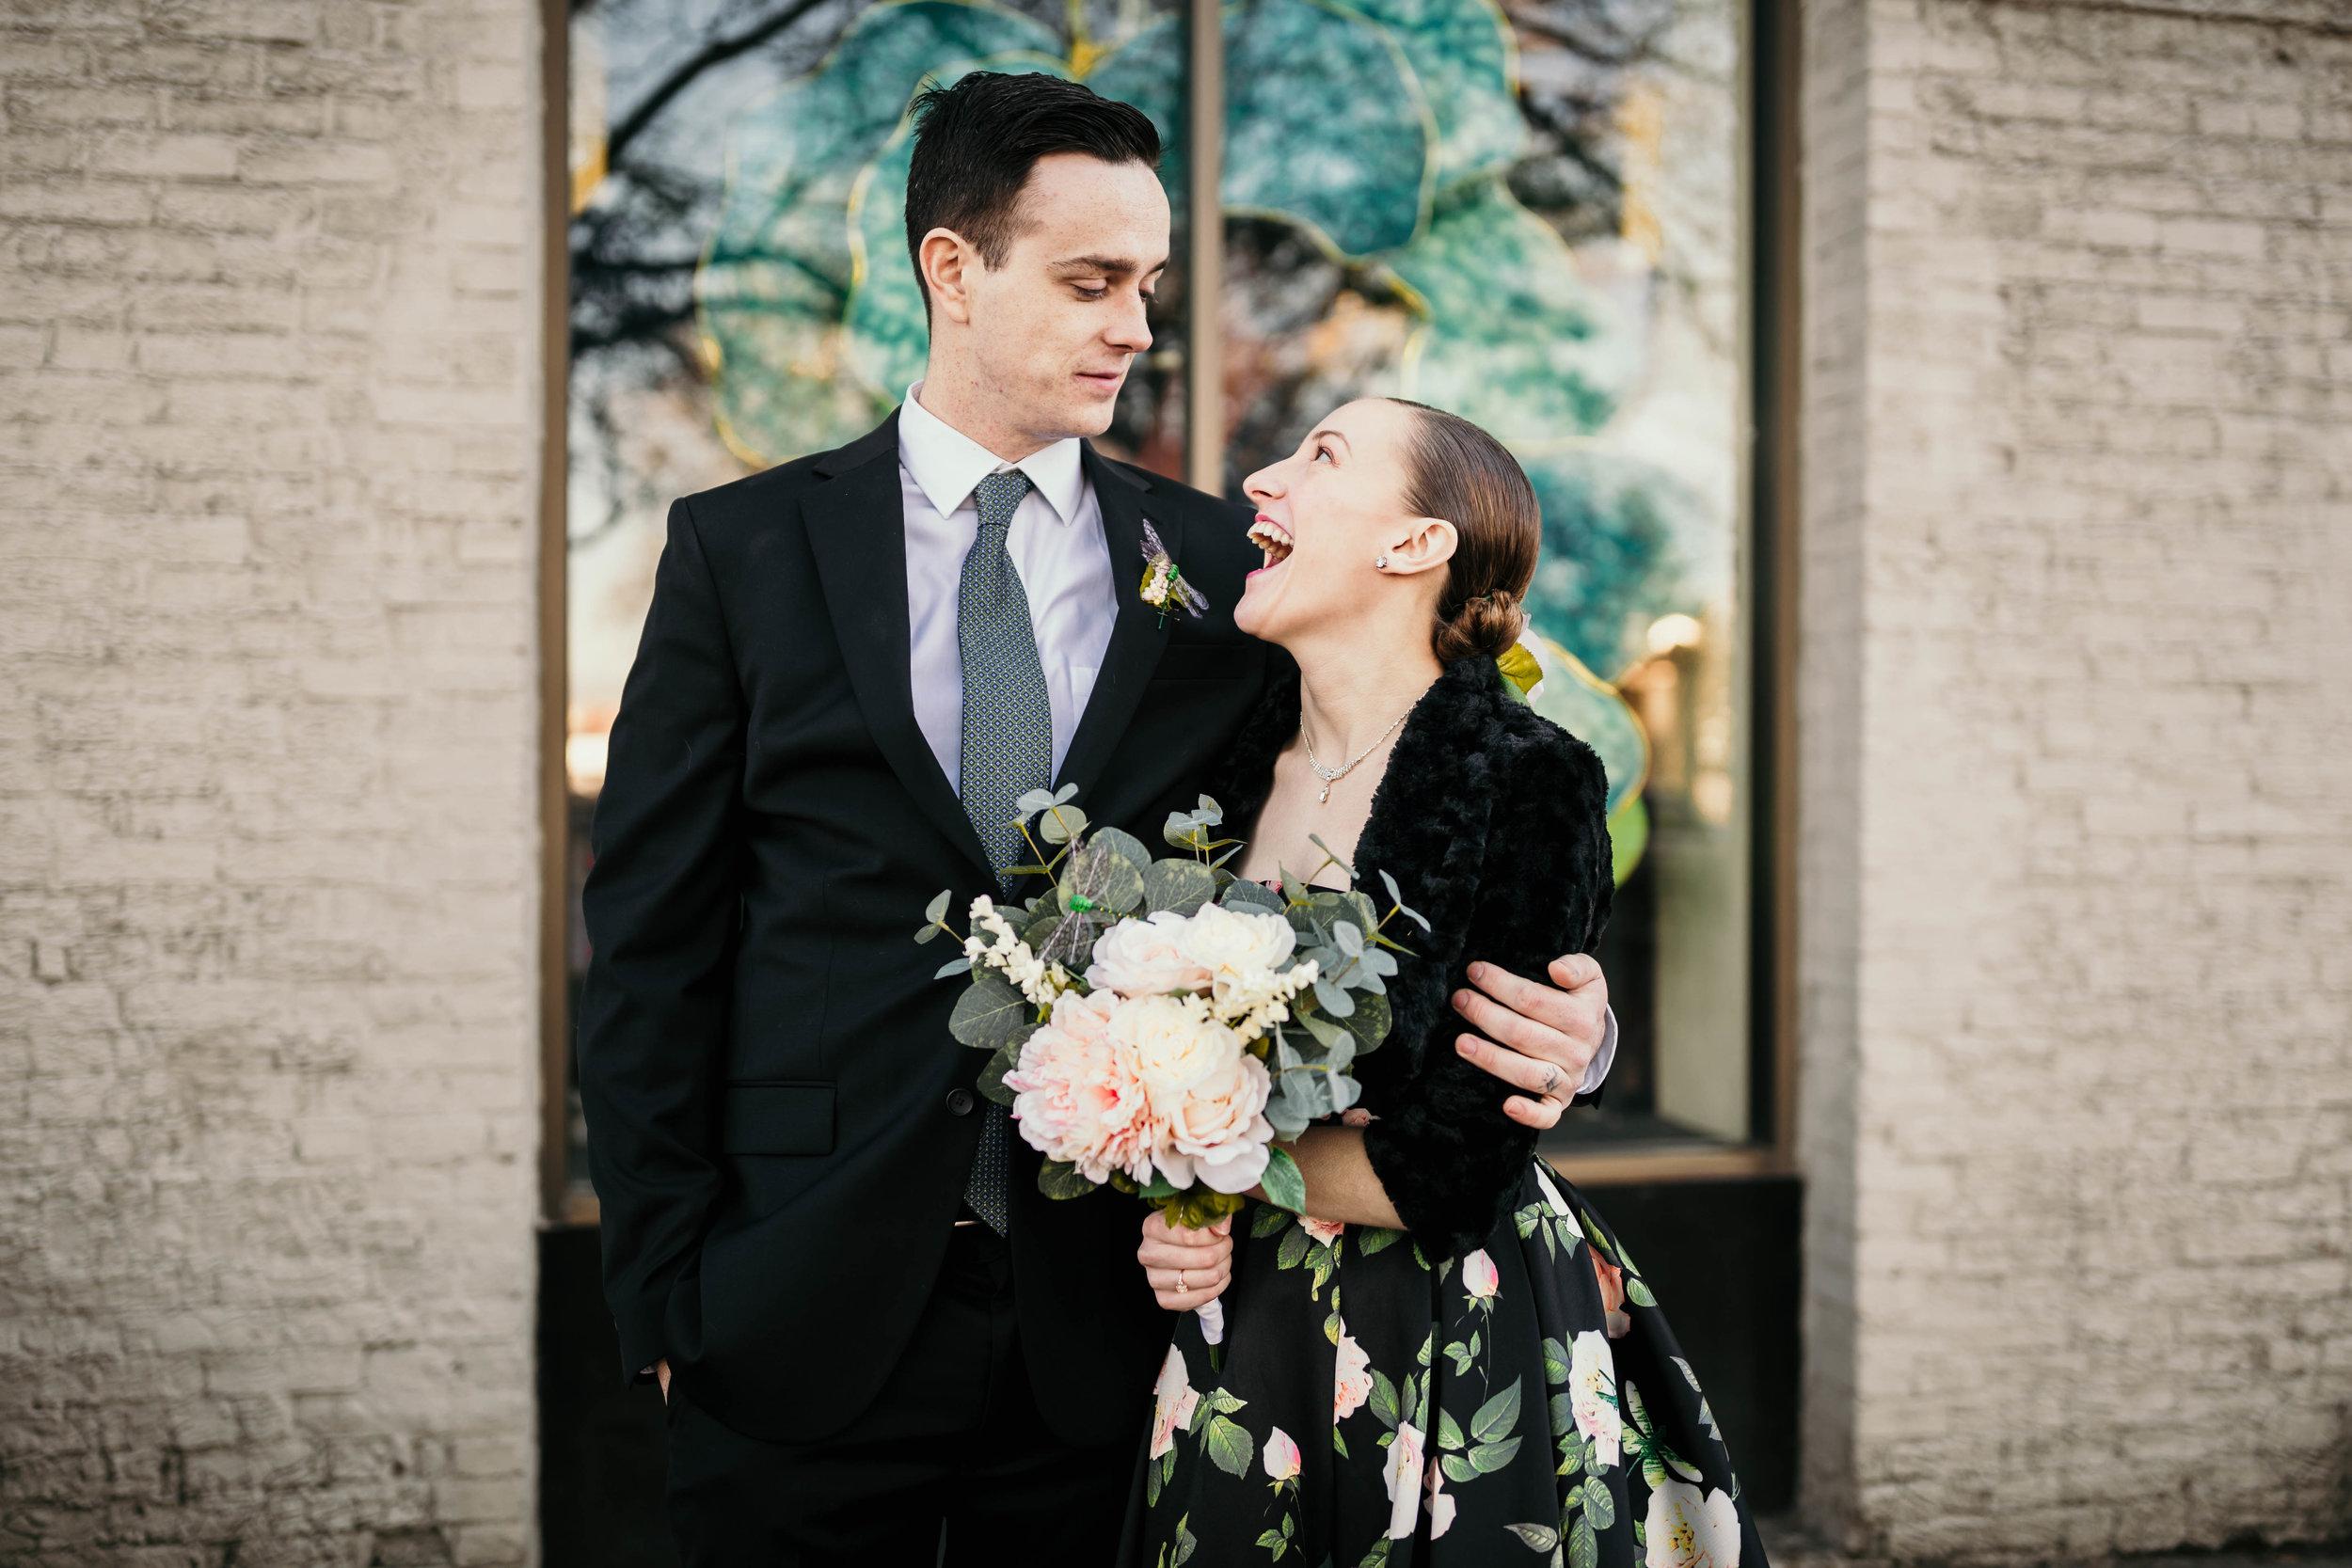 izzy+jacob-weddingsneakpeekblog-50.jpg